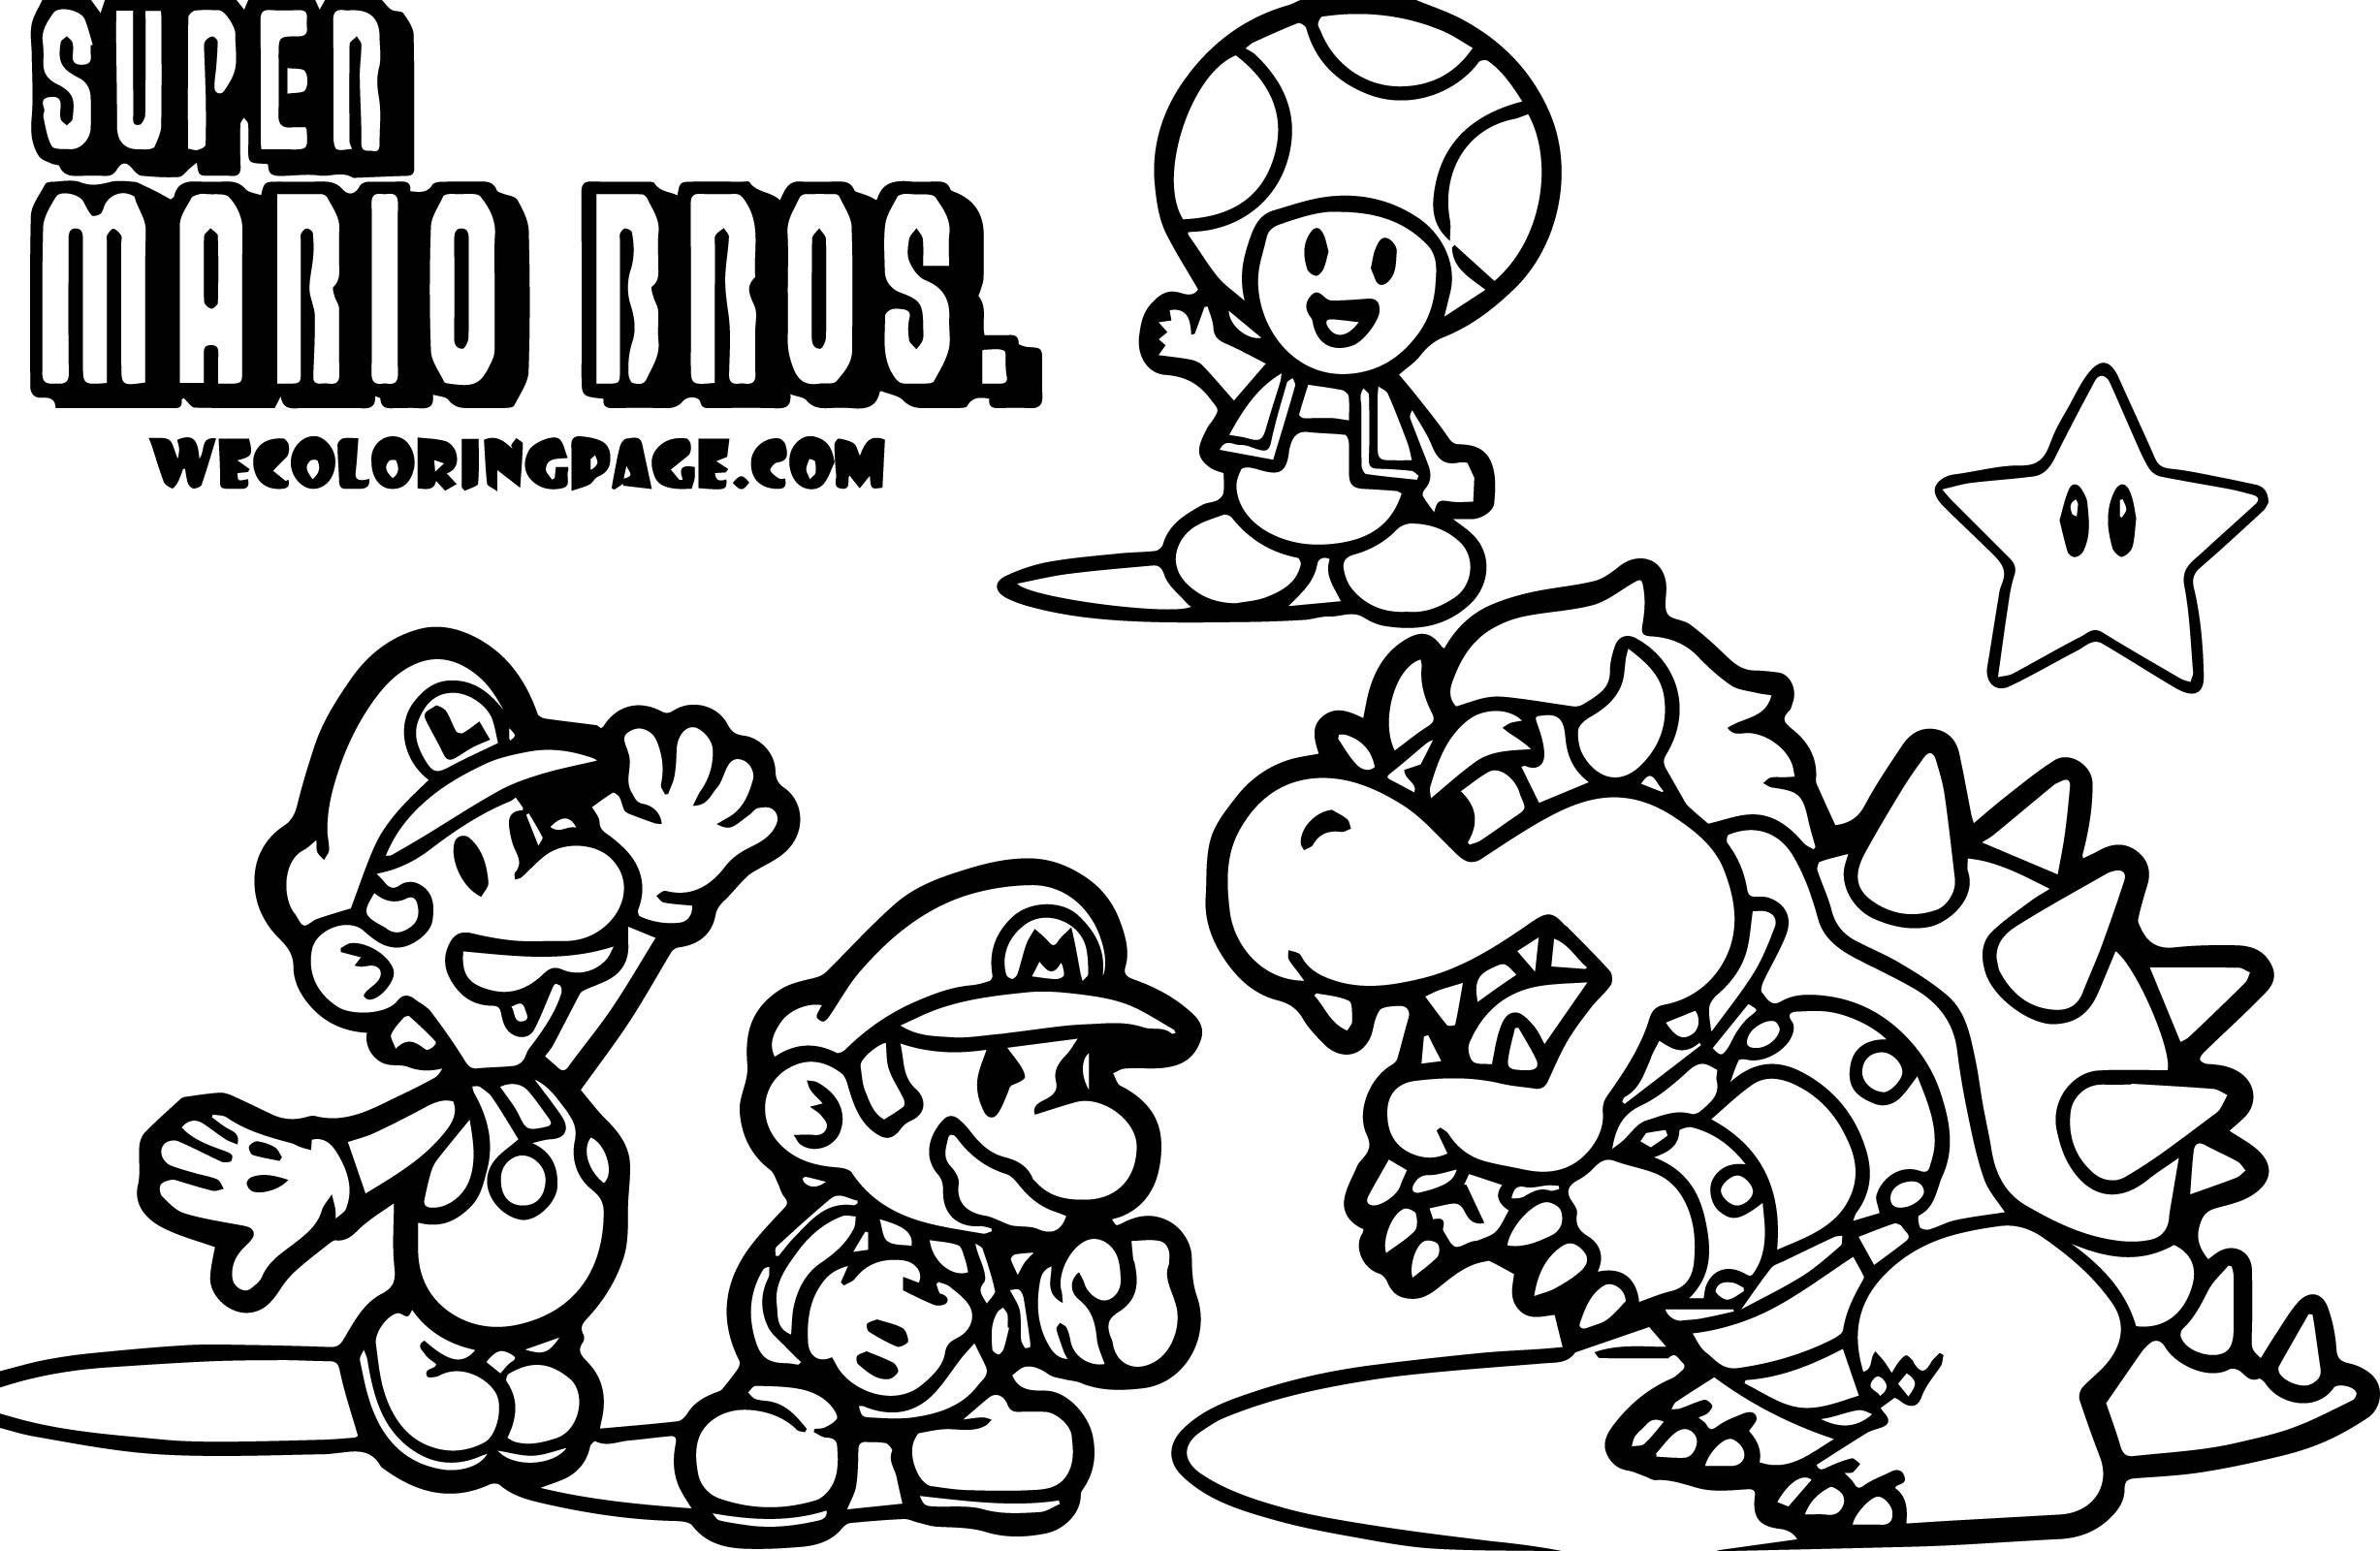 Super Mario Ausmalbilder Das Beste Von Super Mario Brothers Coloring Pages Best Ausgezeichnet Super Schön Bilder